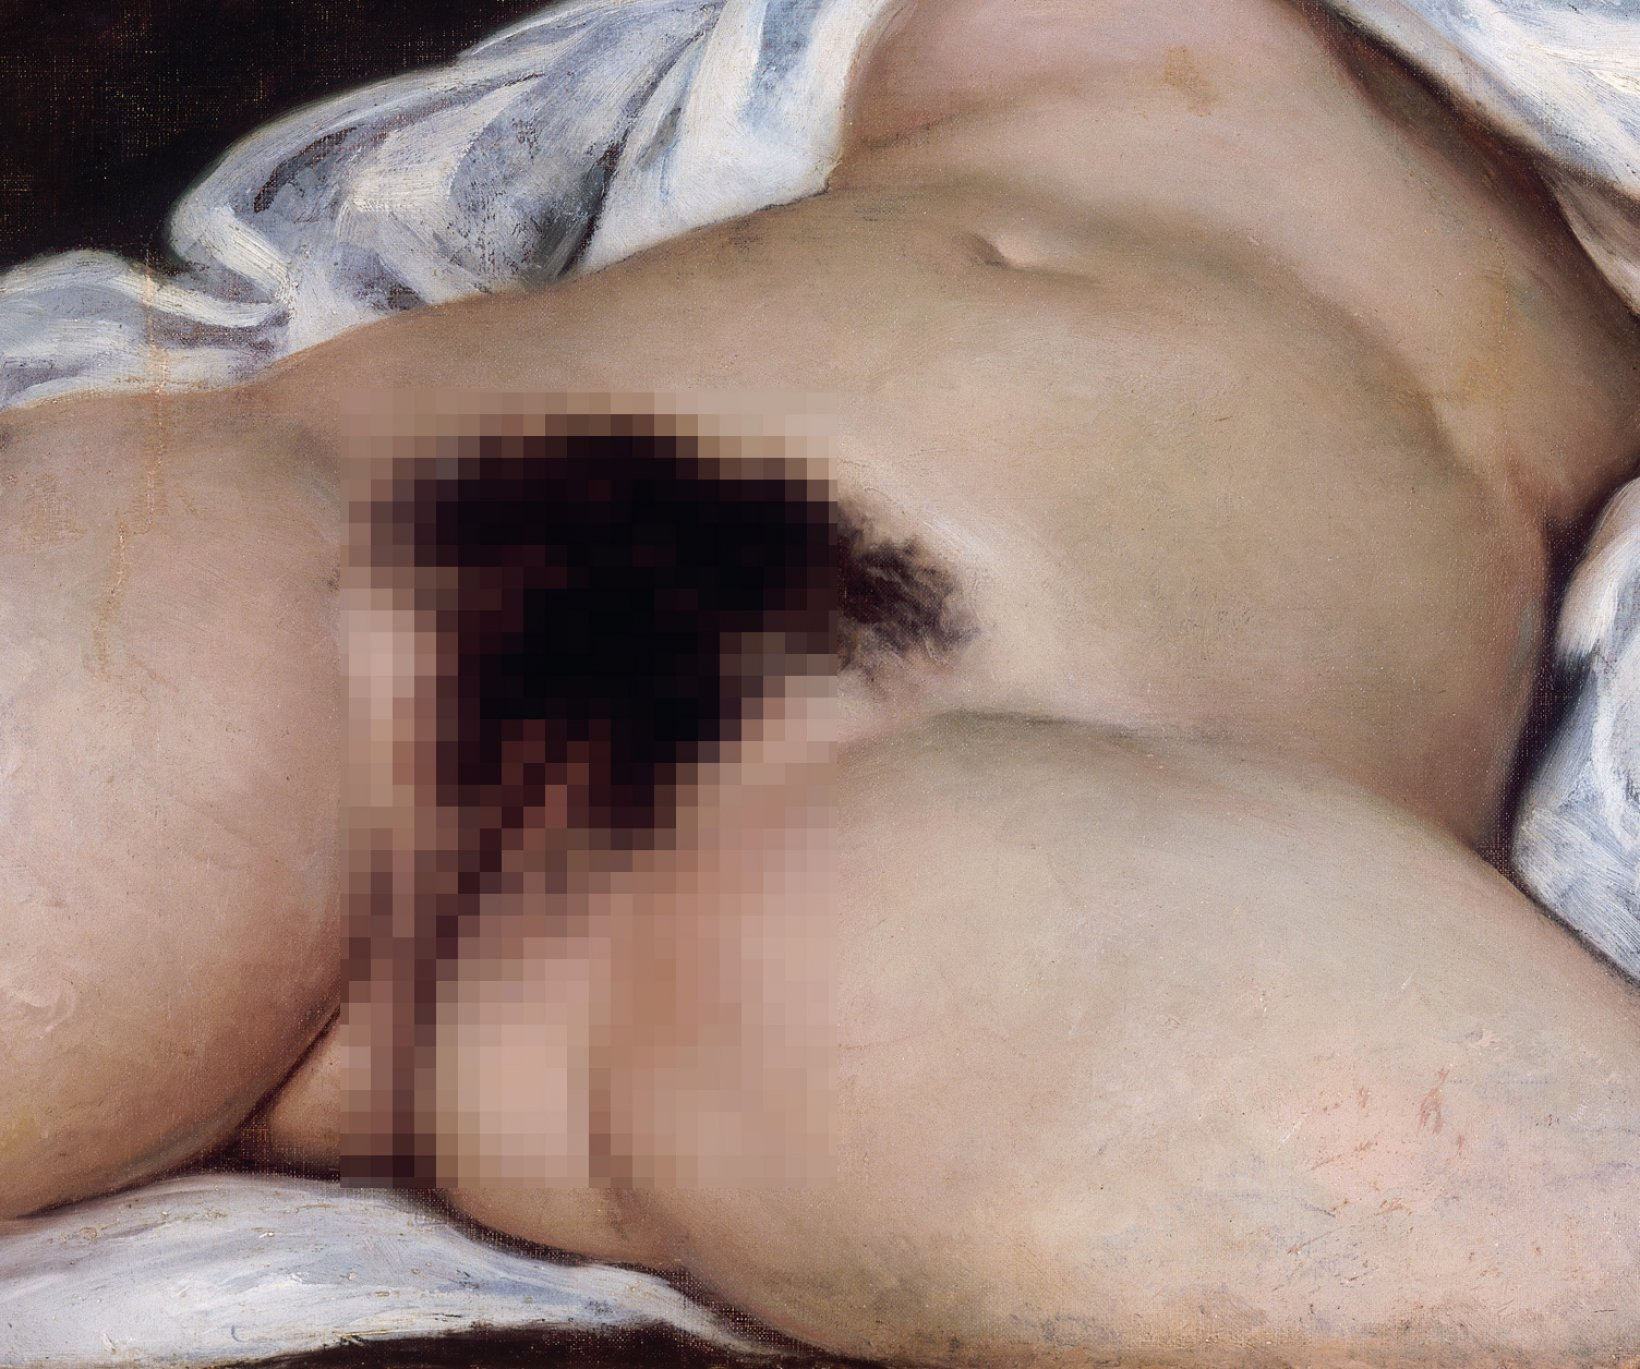 serie tv erotismo massaggi film